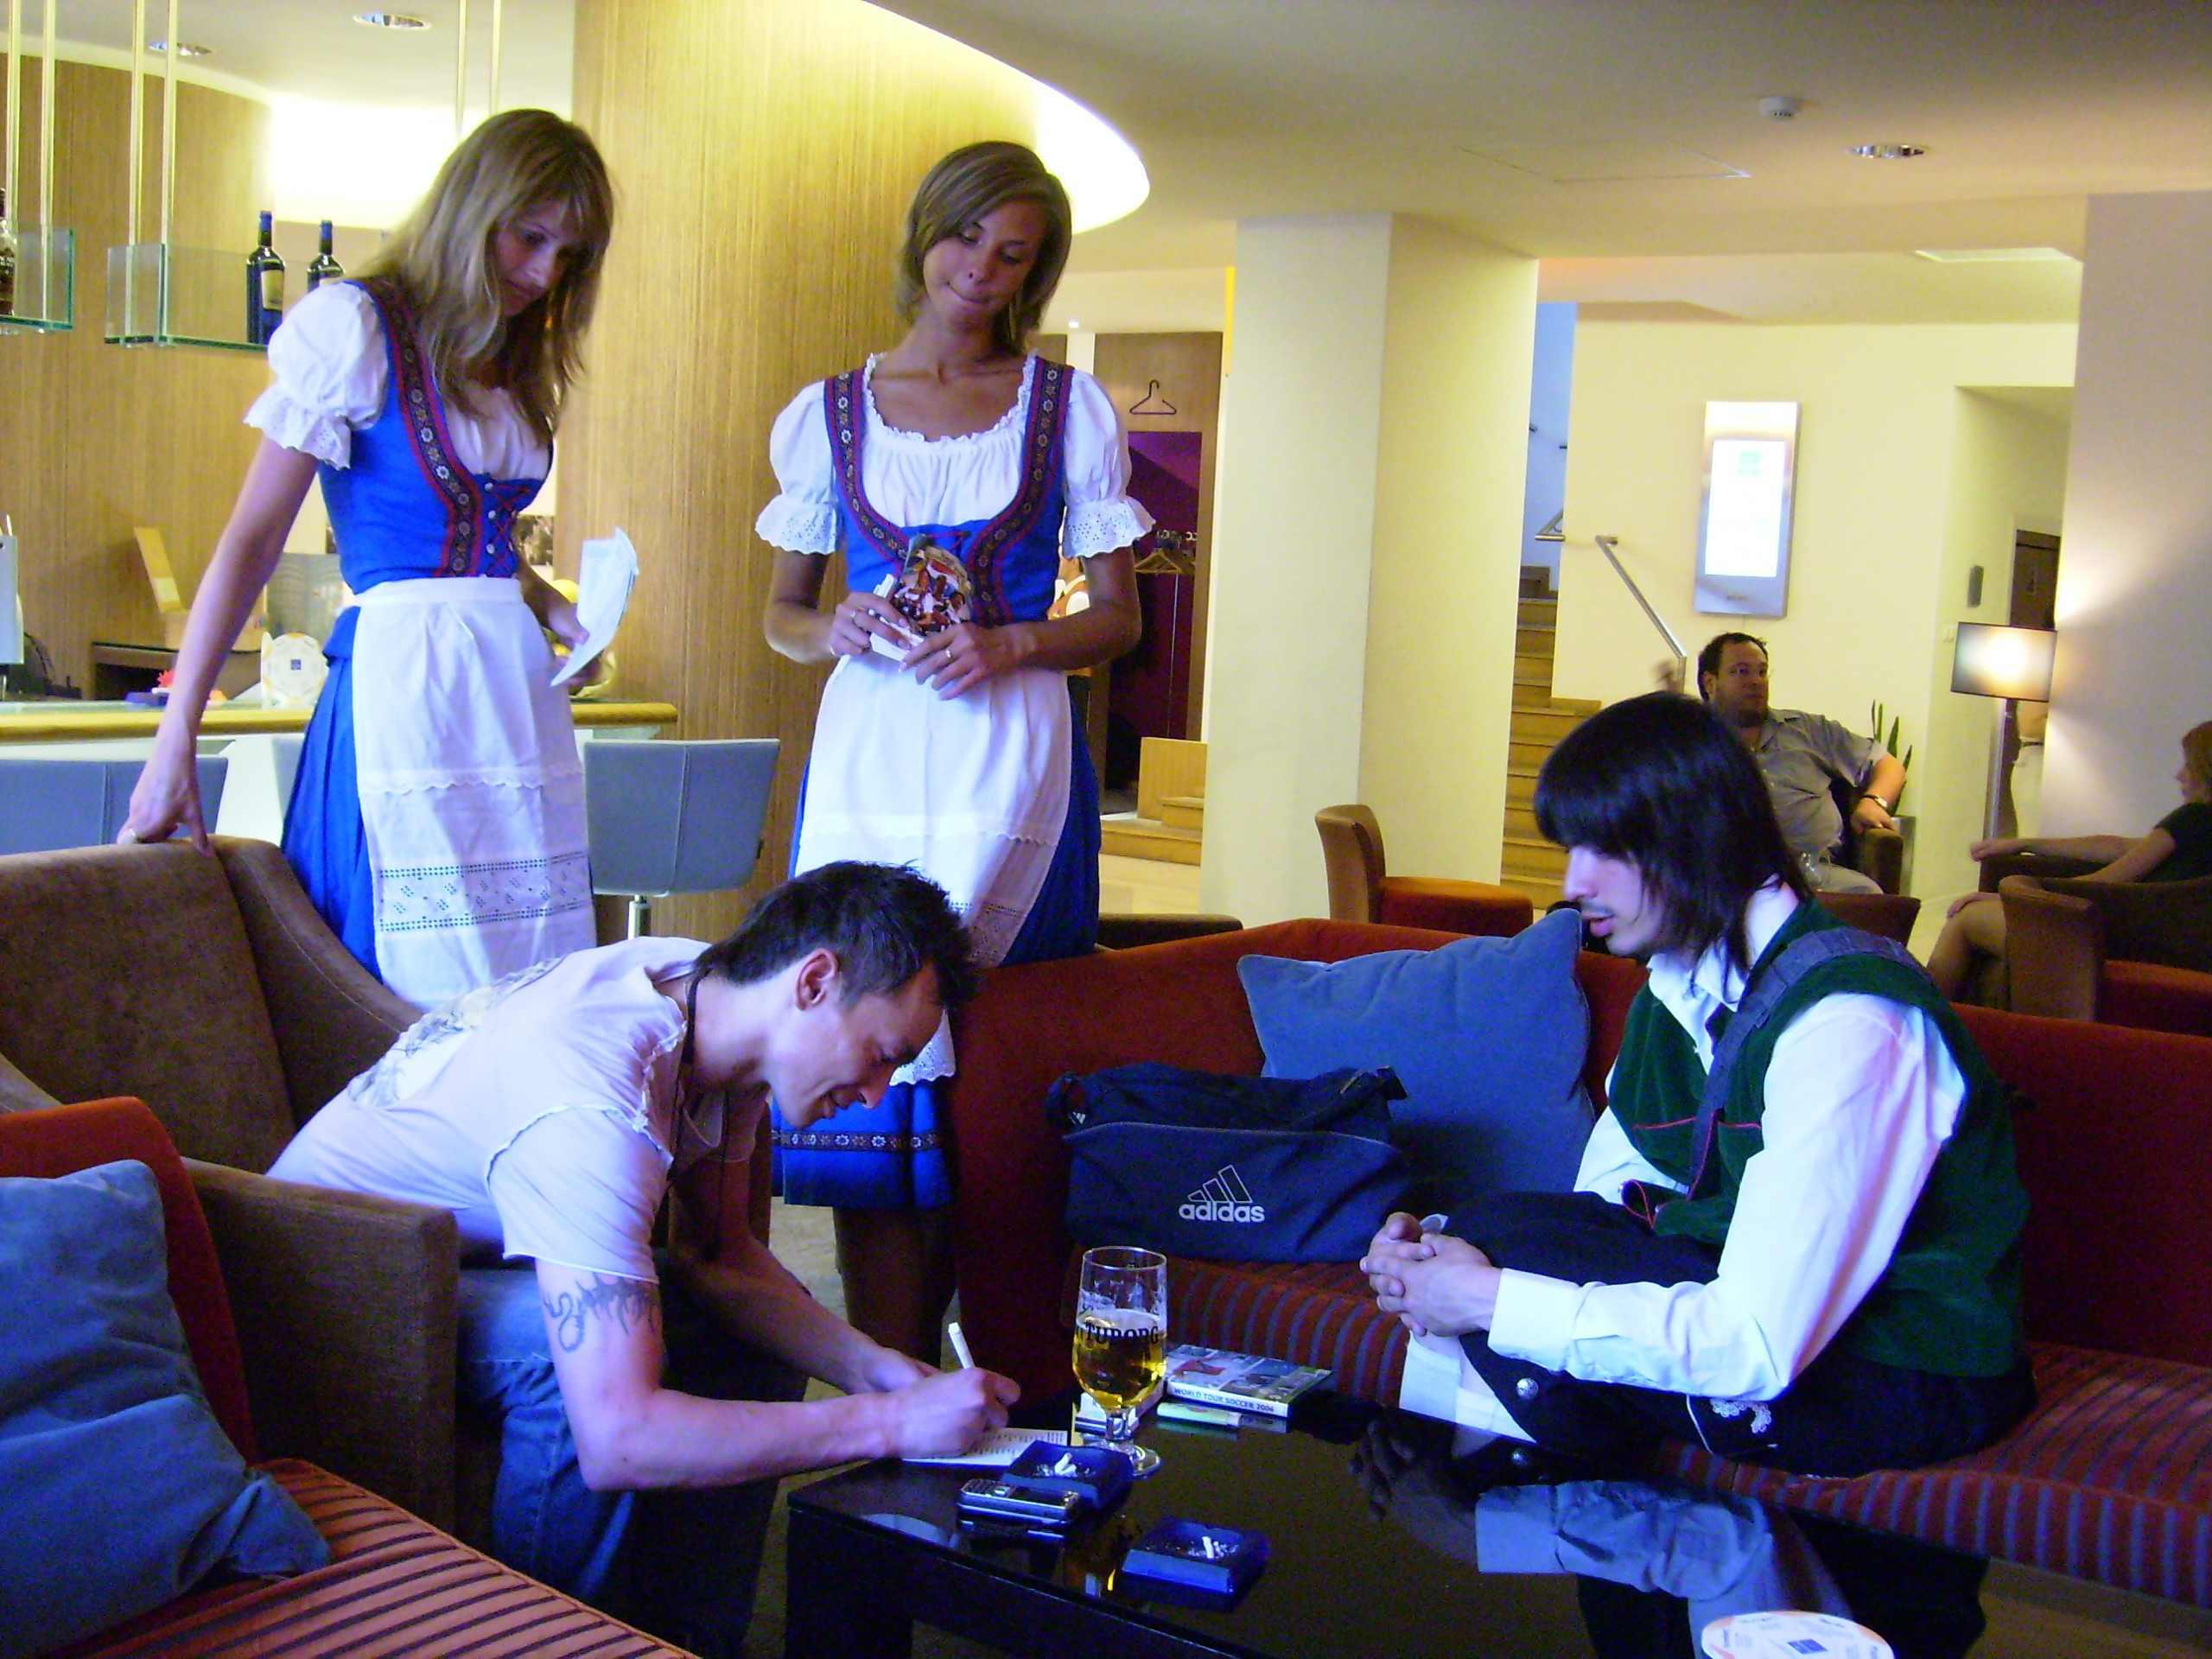 kentler.ru_Pepsi_promo_02